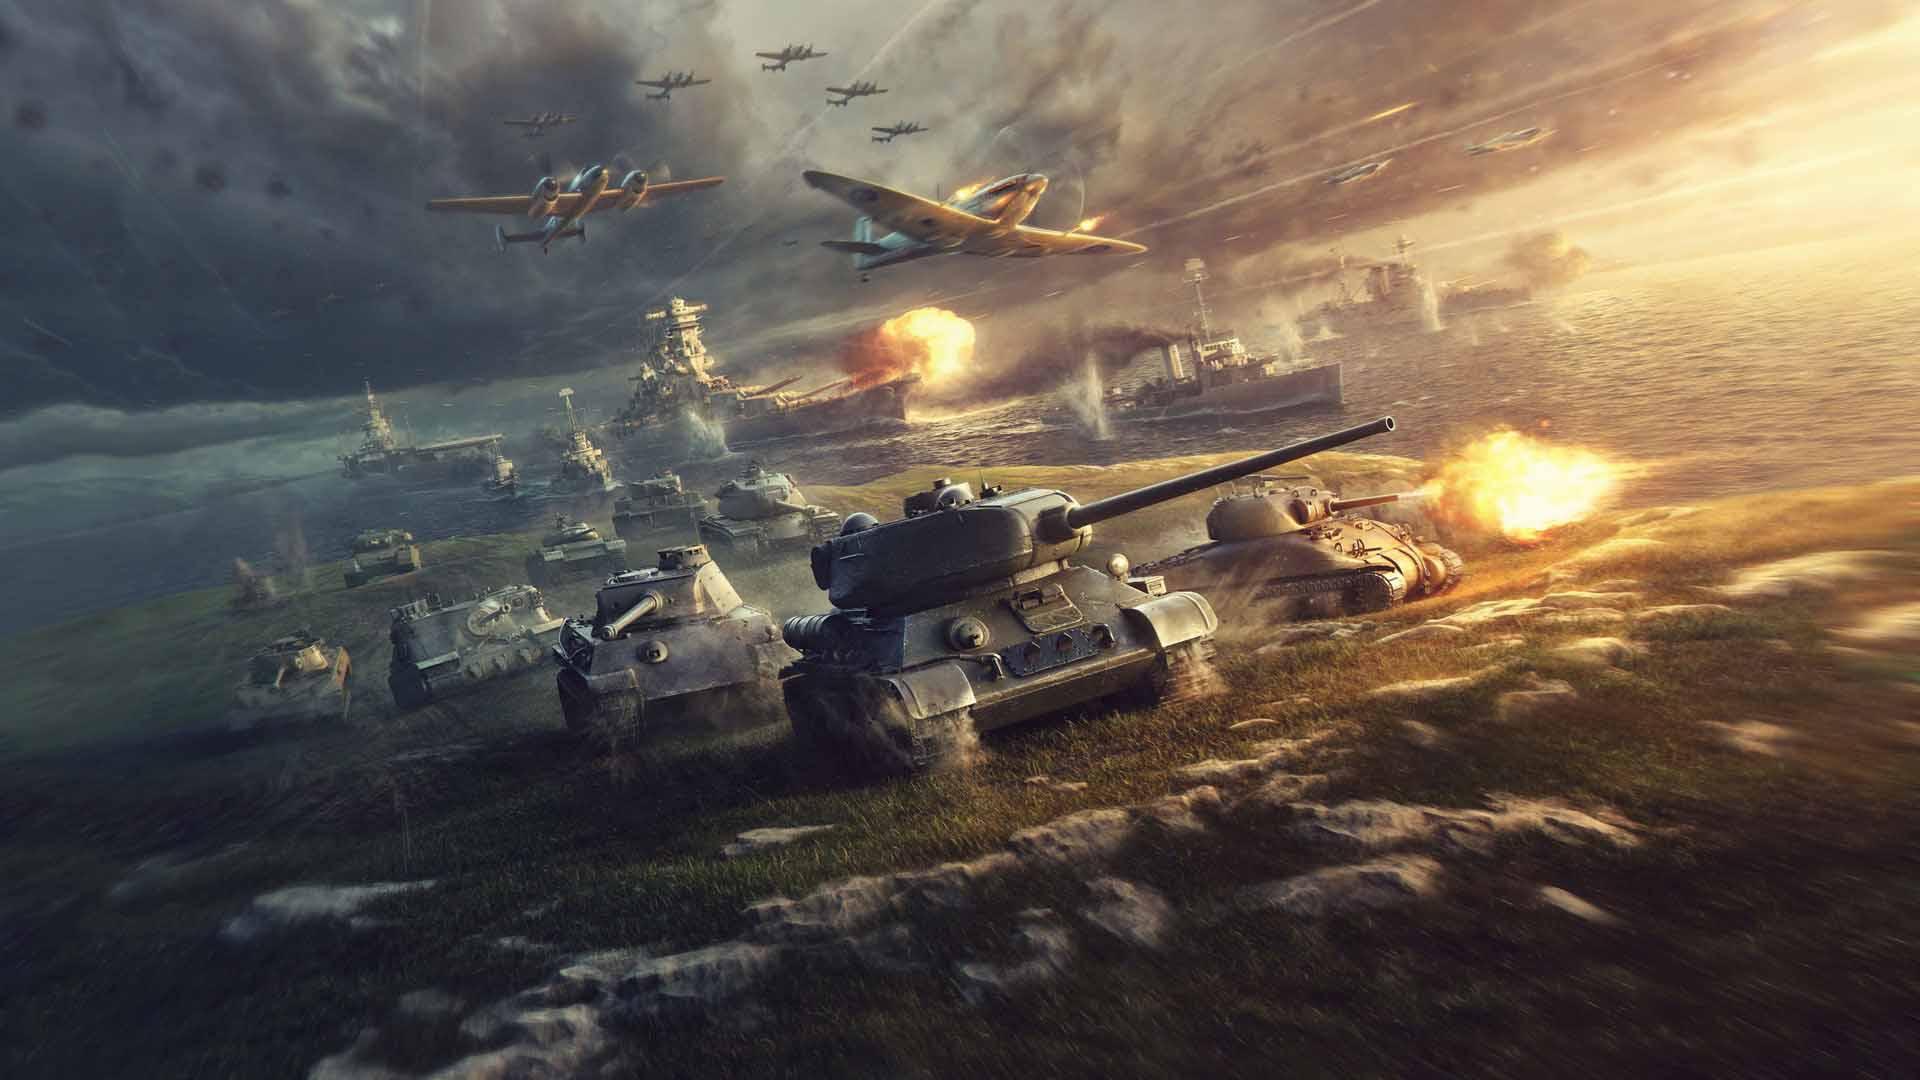 Красивые картинки танков World Of Tanks - смотреть бесплатно 10